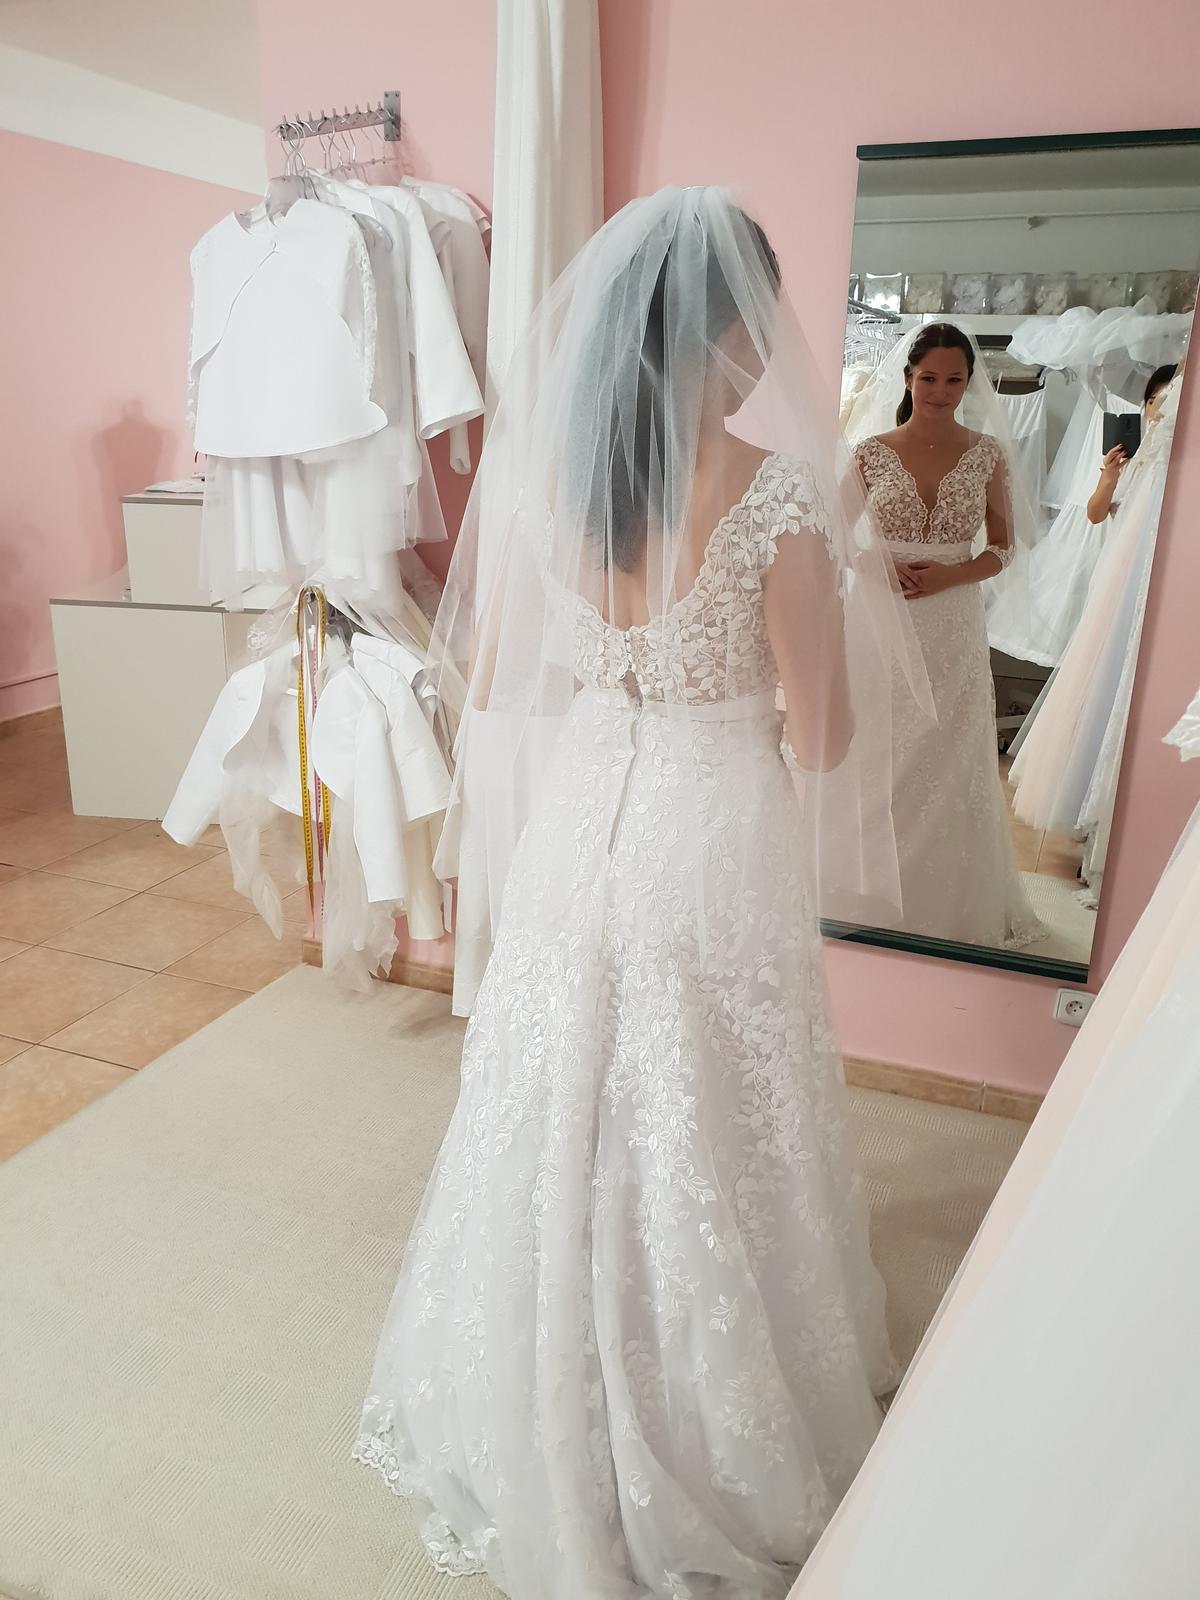 Svatební šaty - ano nebo ne  - - Svatební šaty f7fd5ba8e6